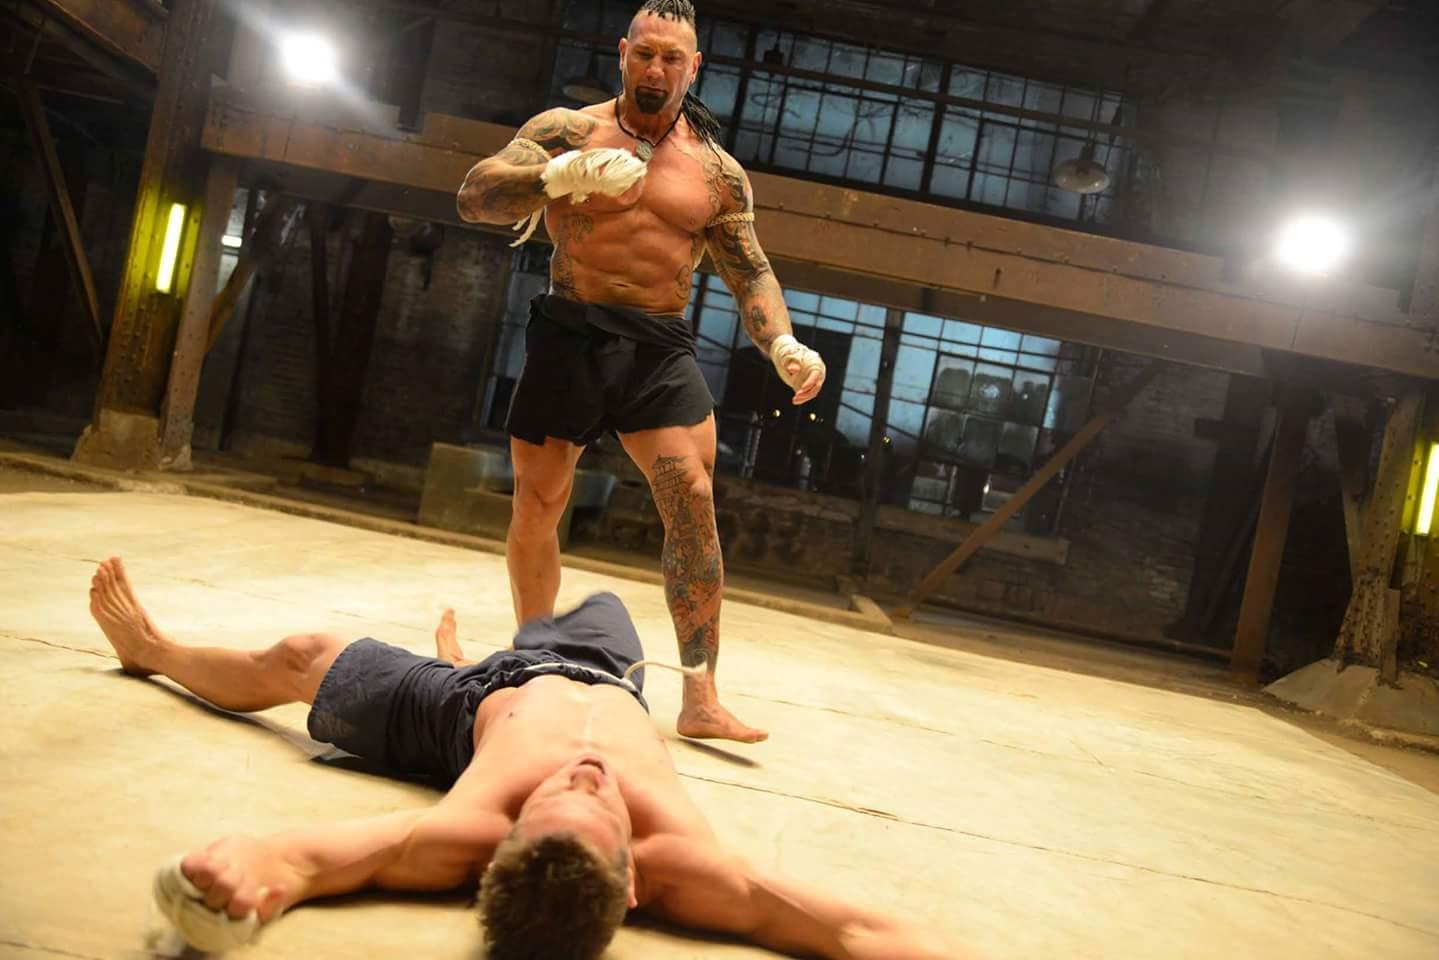 Kickboxer: Venganza (Kickboxer Vengeance)